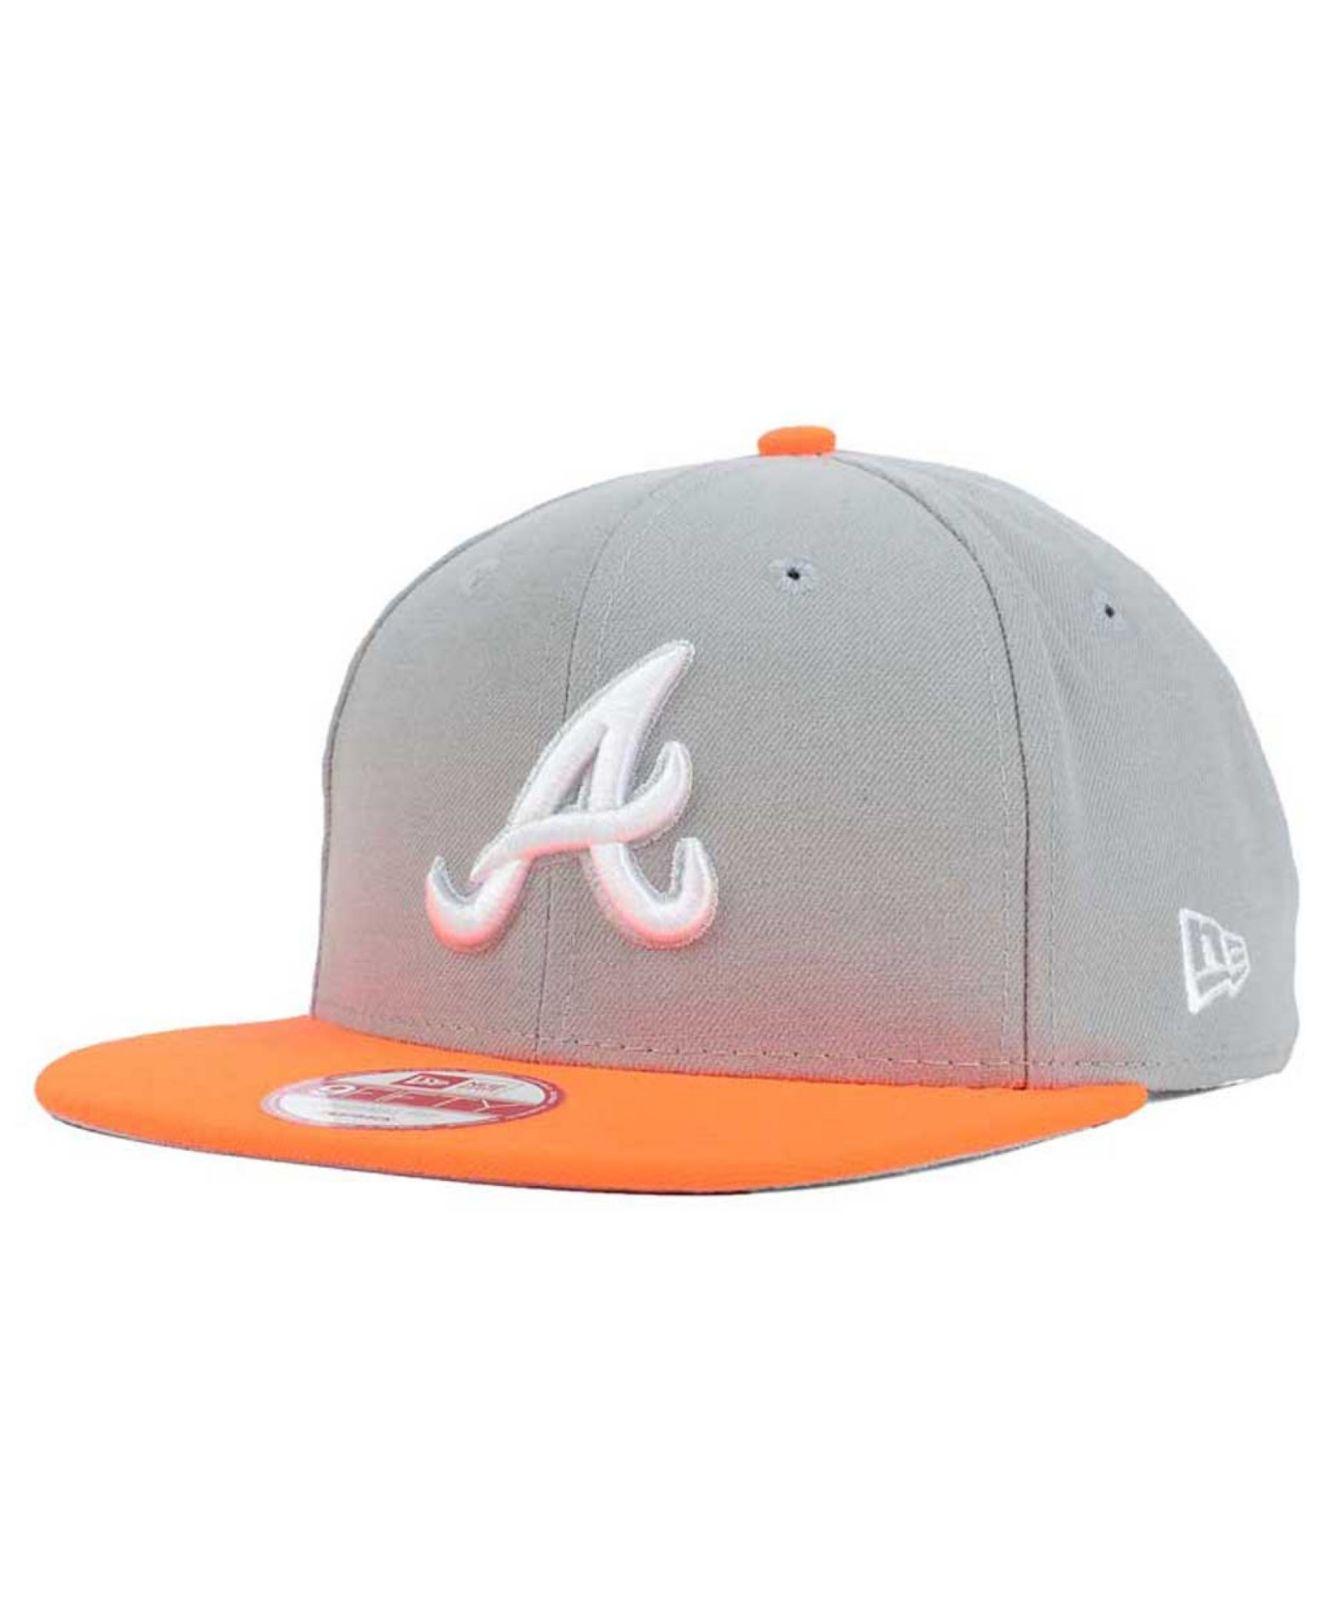 1f3ad9f0042 canada hats fanatics lyst ktz atlanta braves the queens 9fifty snapback cap  in gray for men